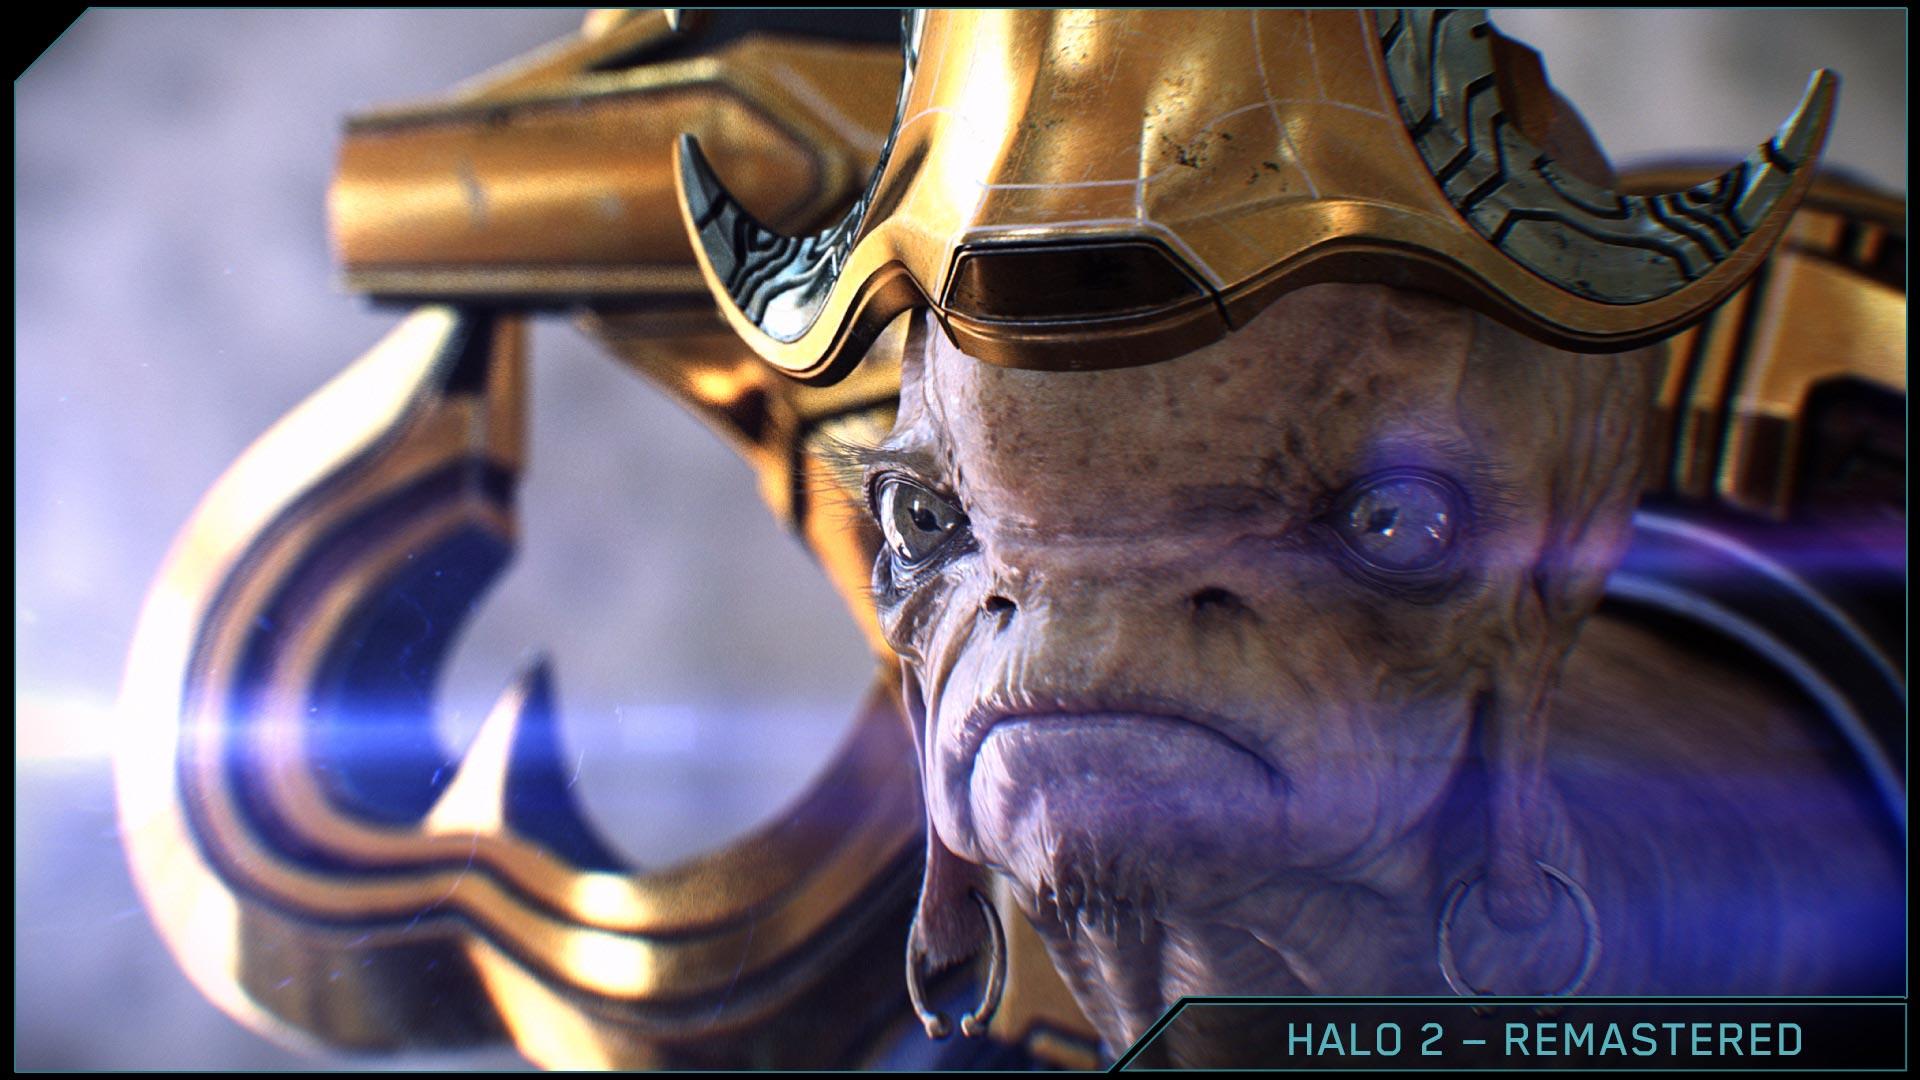 e3-2014-halo-2-anniversary-comparison-pr